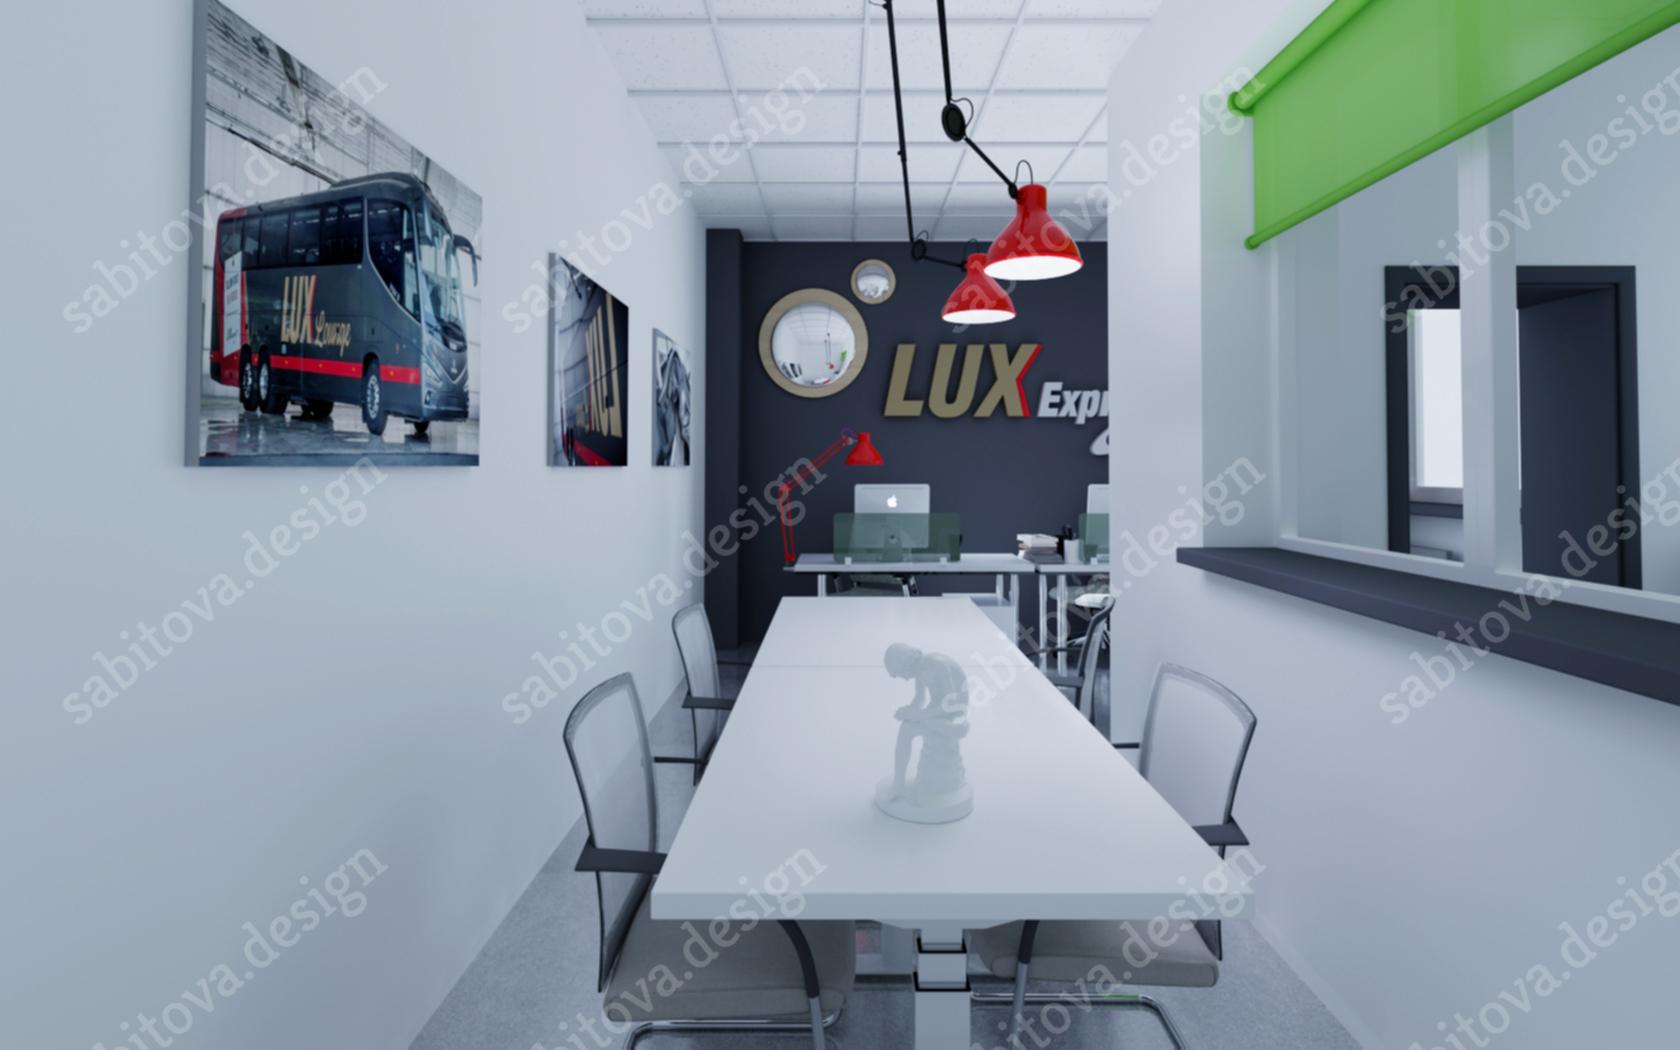 Офис Lux Express в СПб - дизайн интерьера и визуализация